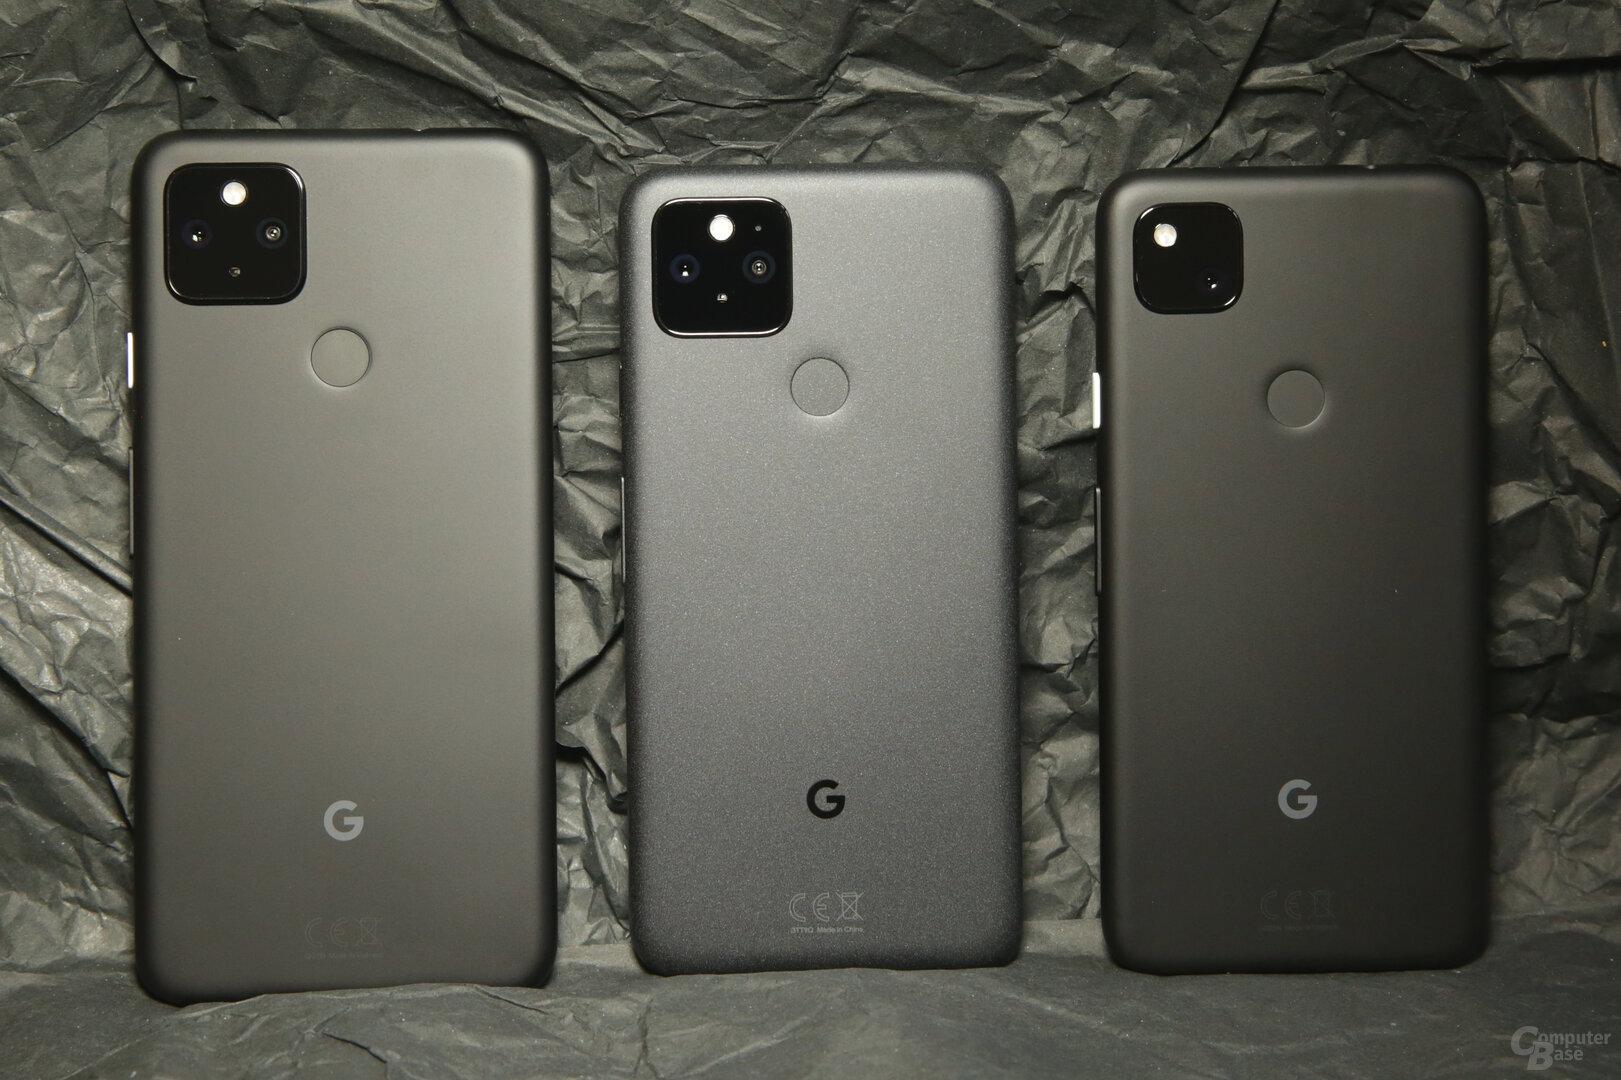 Größenvergleich mit Pixel 4a 5G (l.) und Pixel 4a (r.)